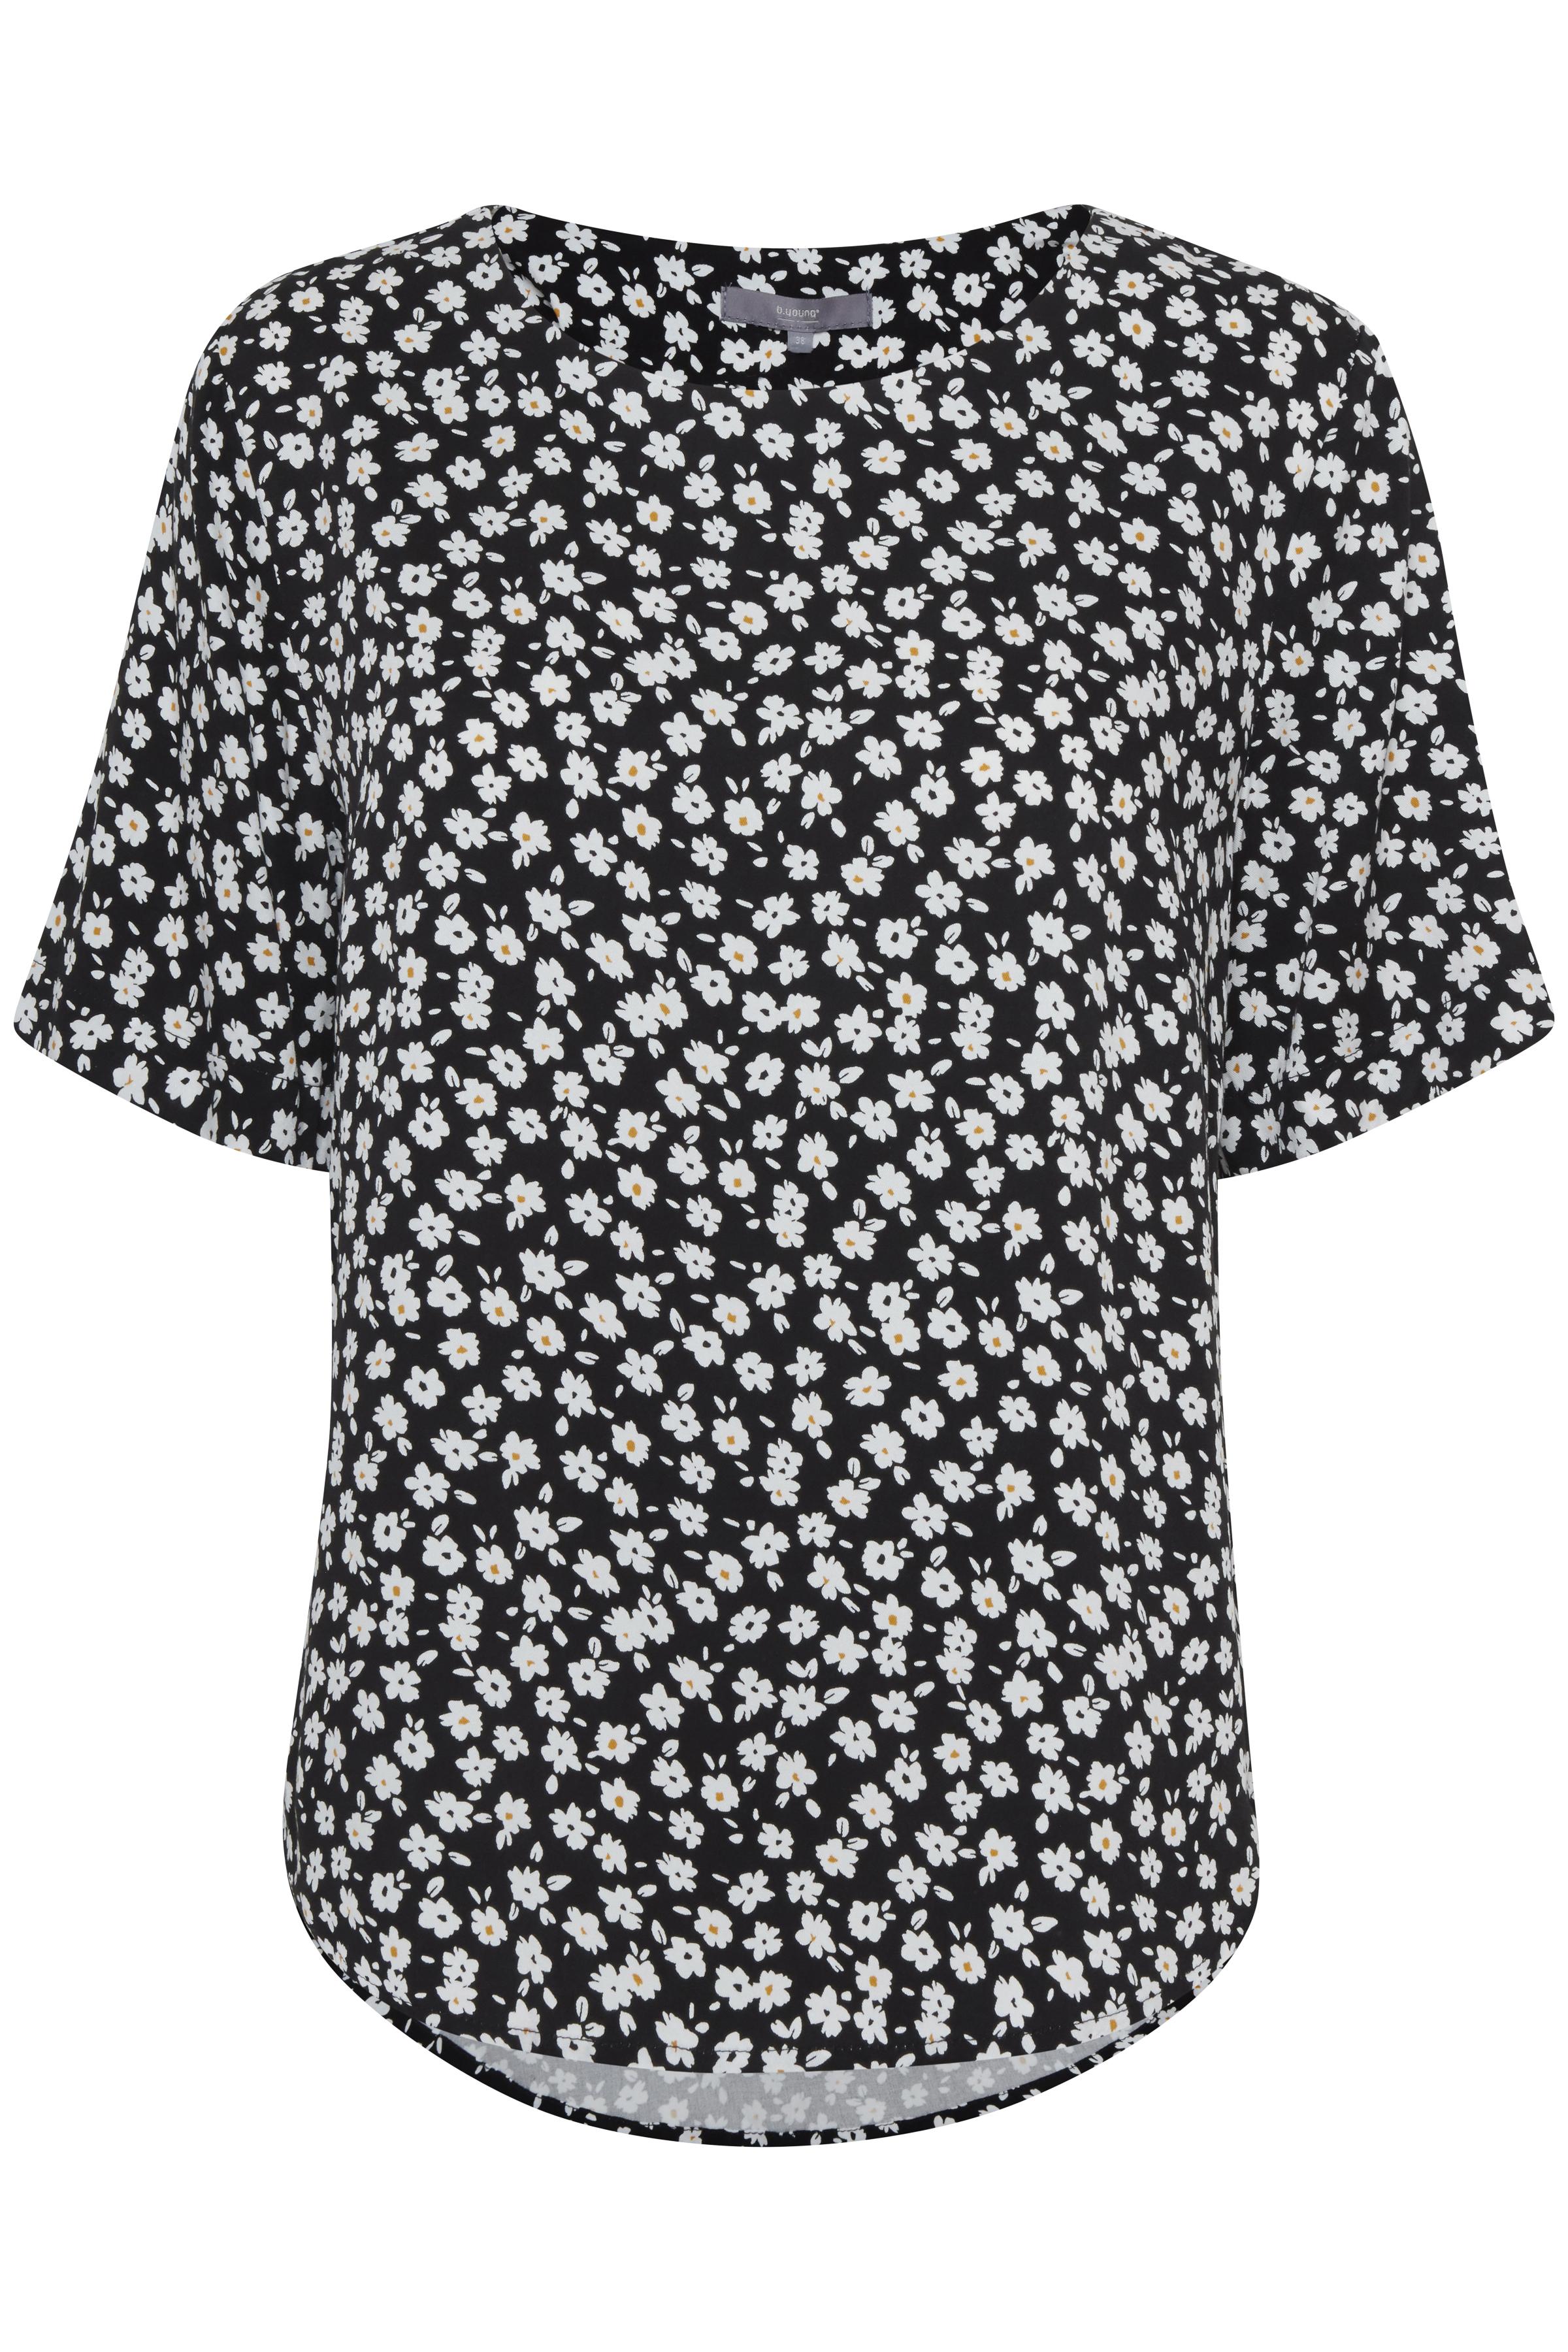 Zwart/wit Korte mouwen shirt  van b.young – Door Zwart/wit Korte mouwen shirt  van maat. 34-46 hier